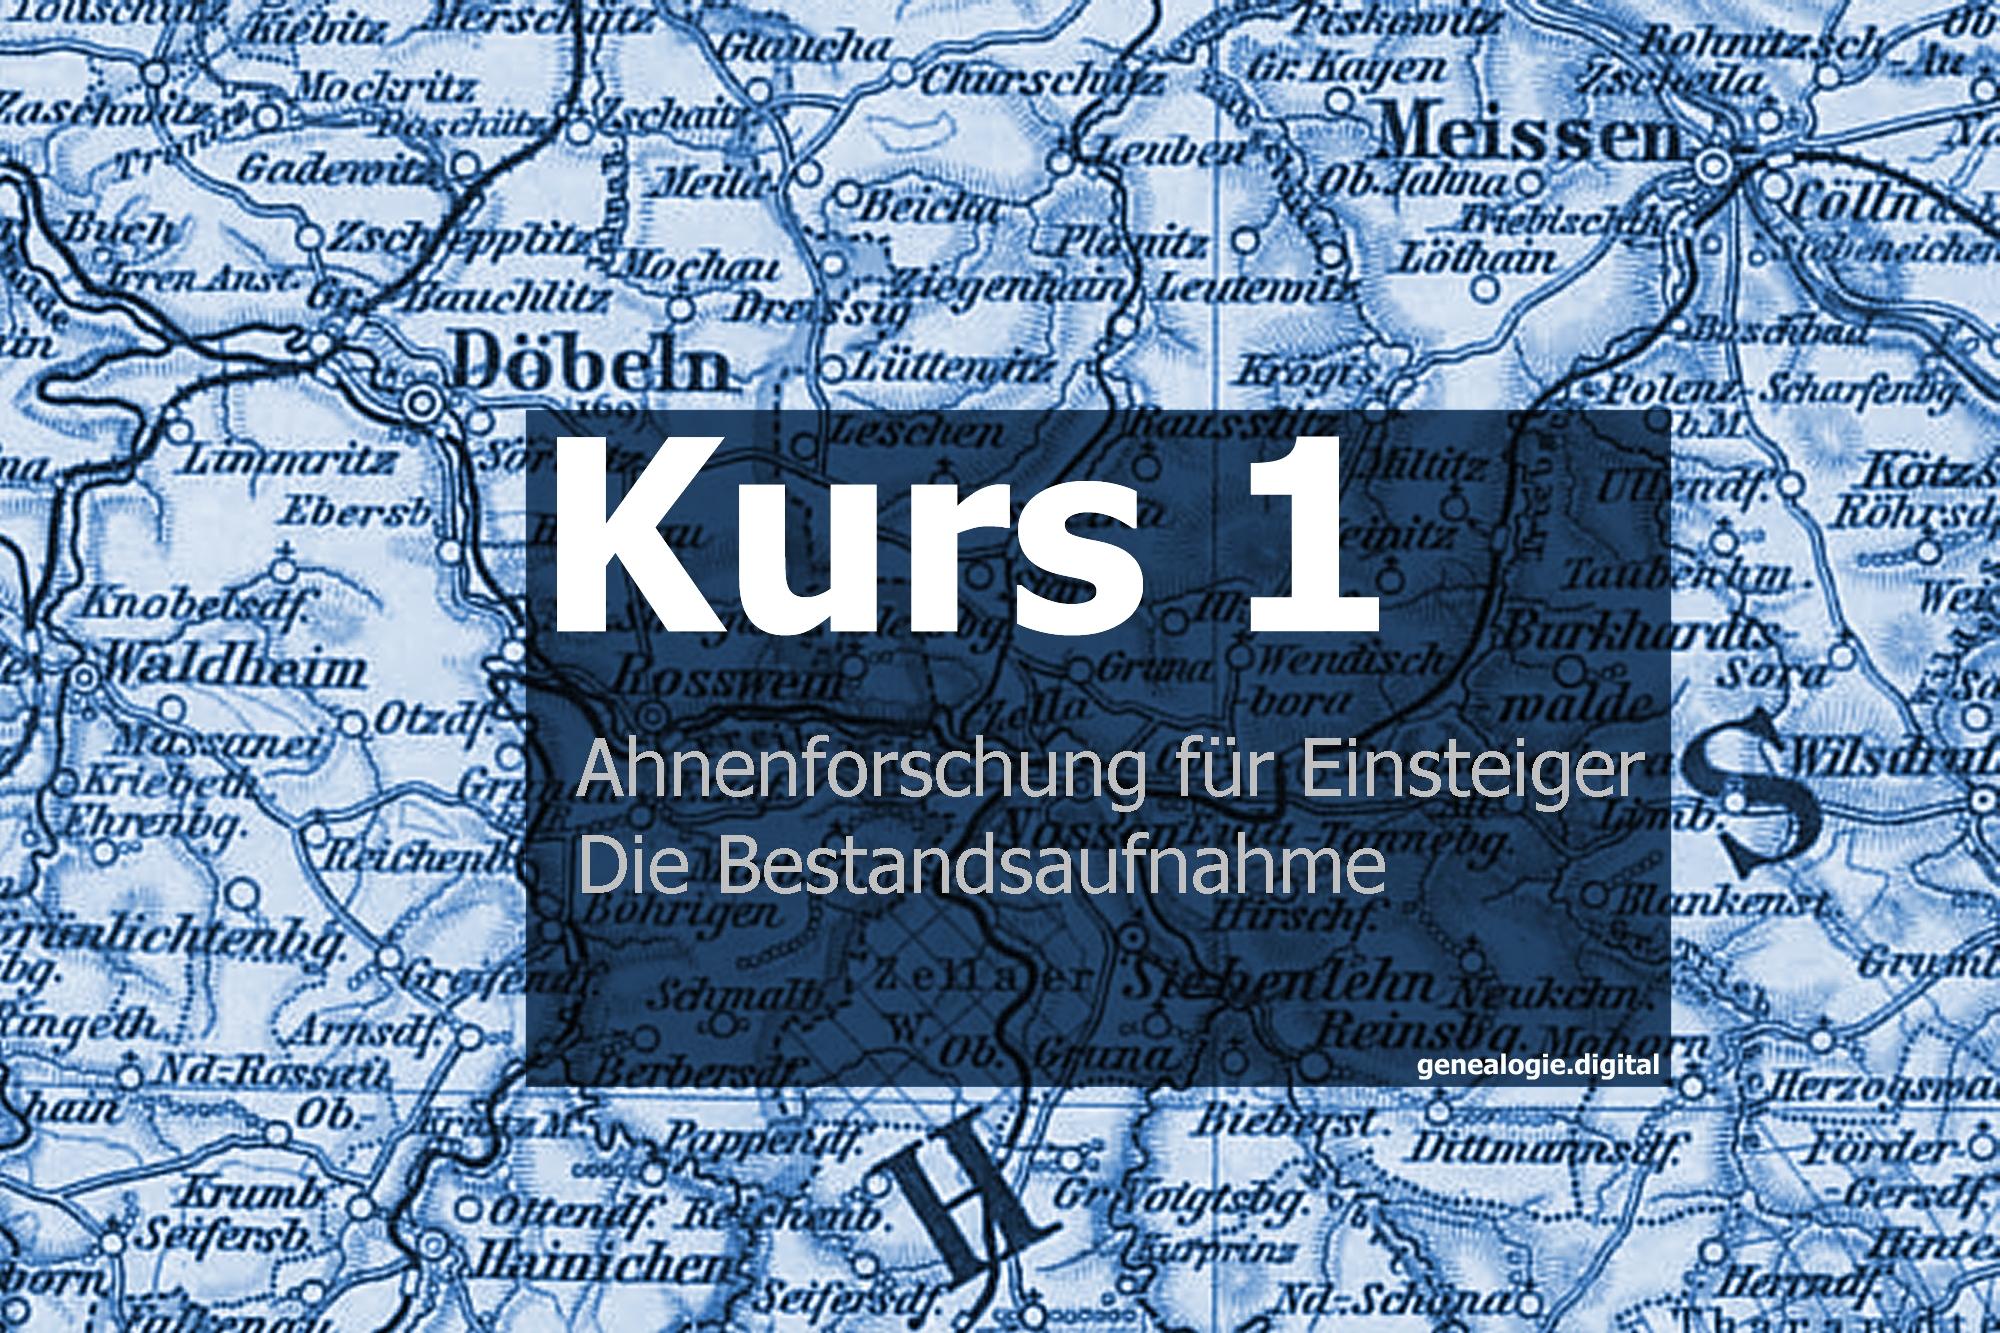 Kurs1 DieBestandsaufnahme - Sosa, OnlineKurs, Kekule, Friedhof, Ahnentafel